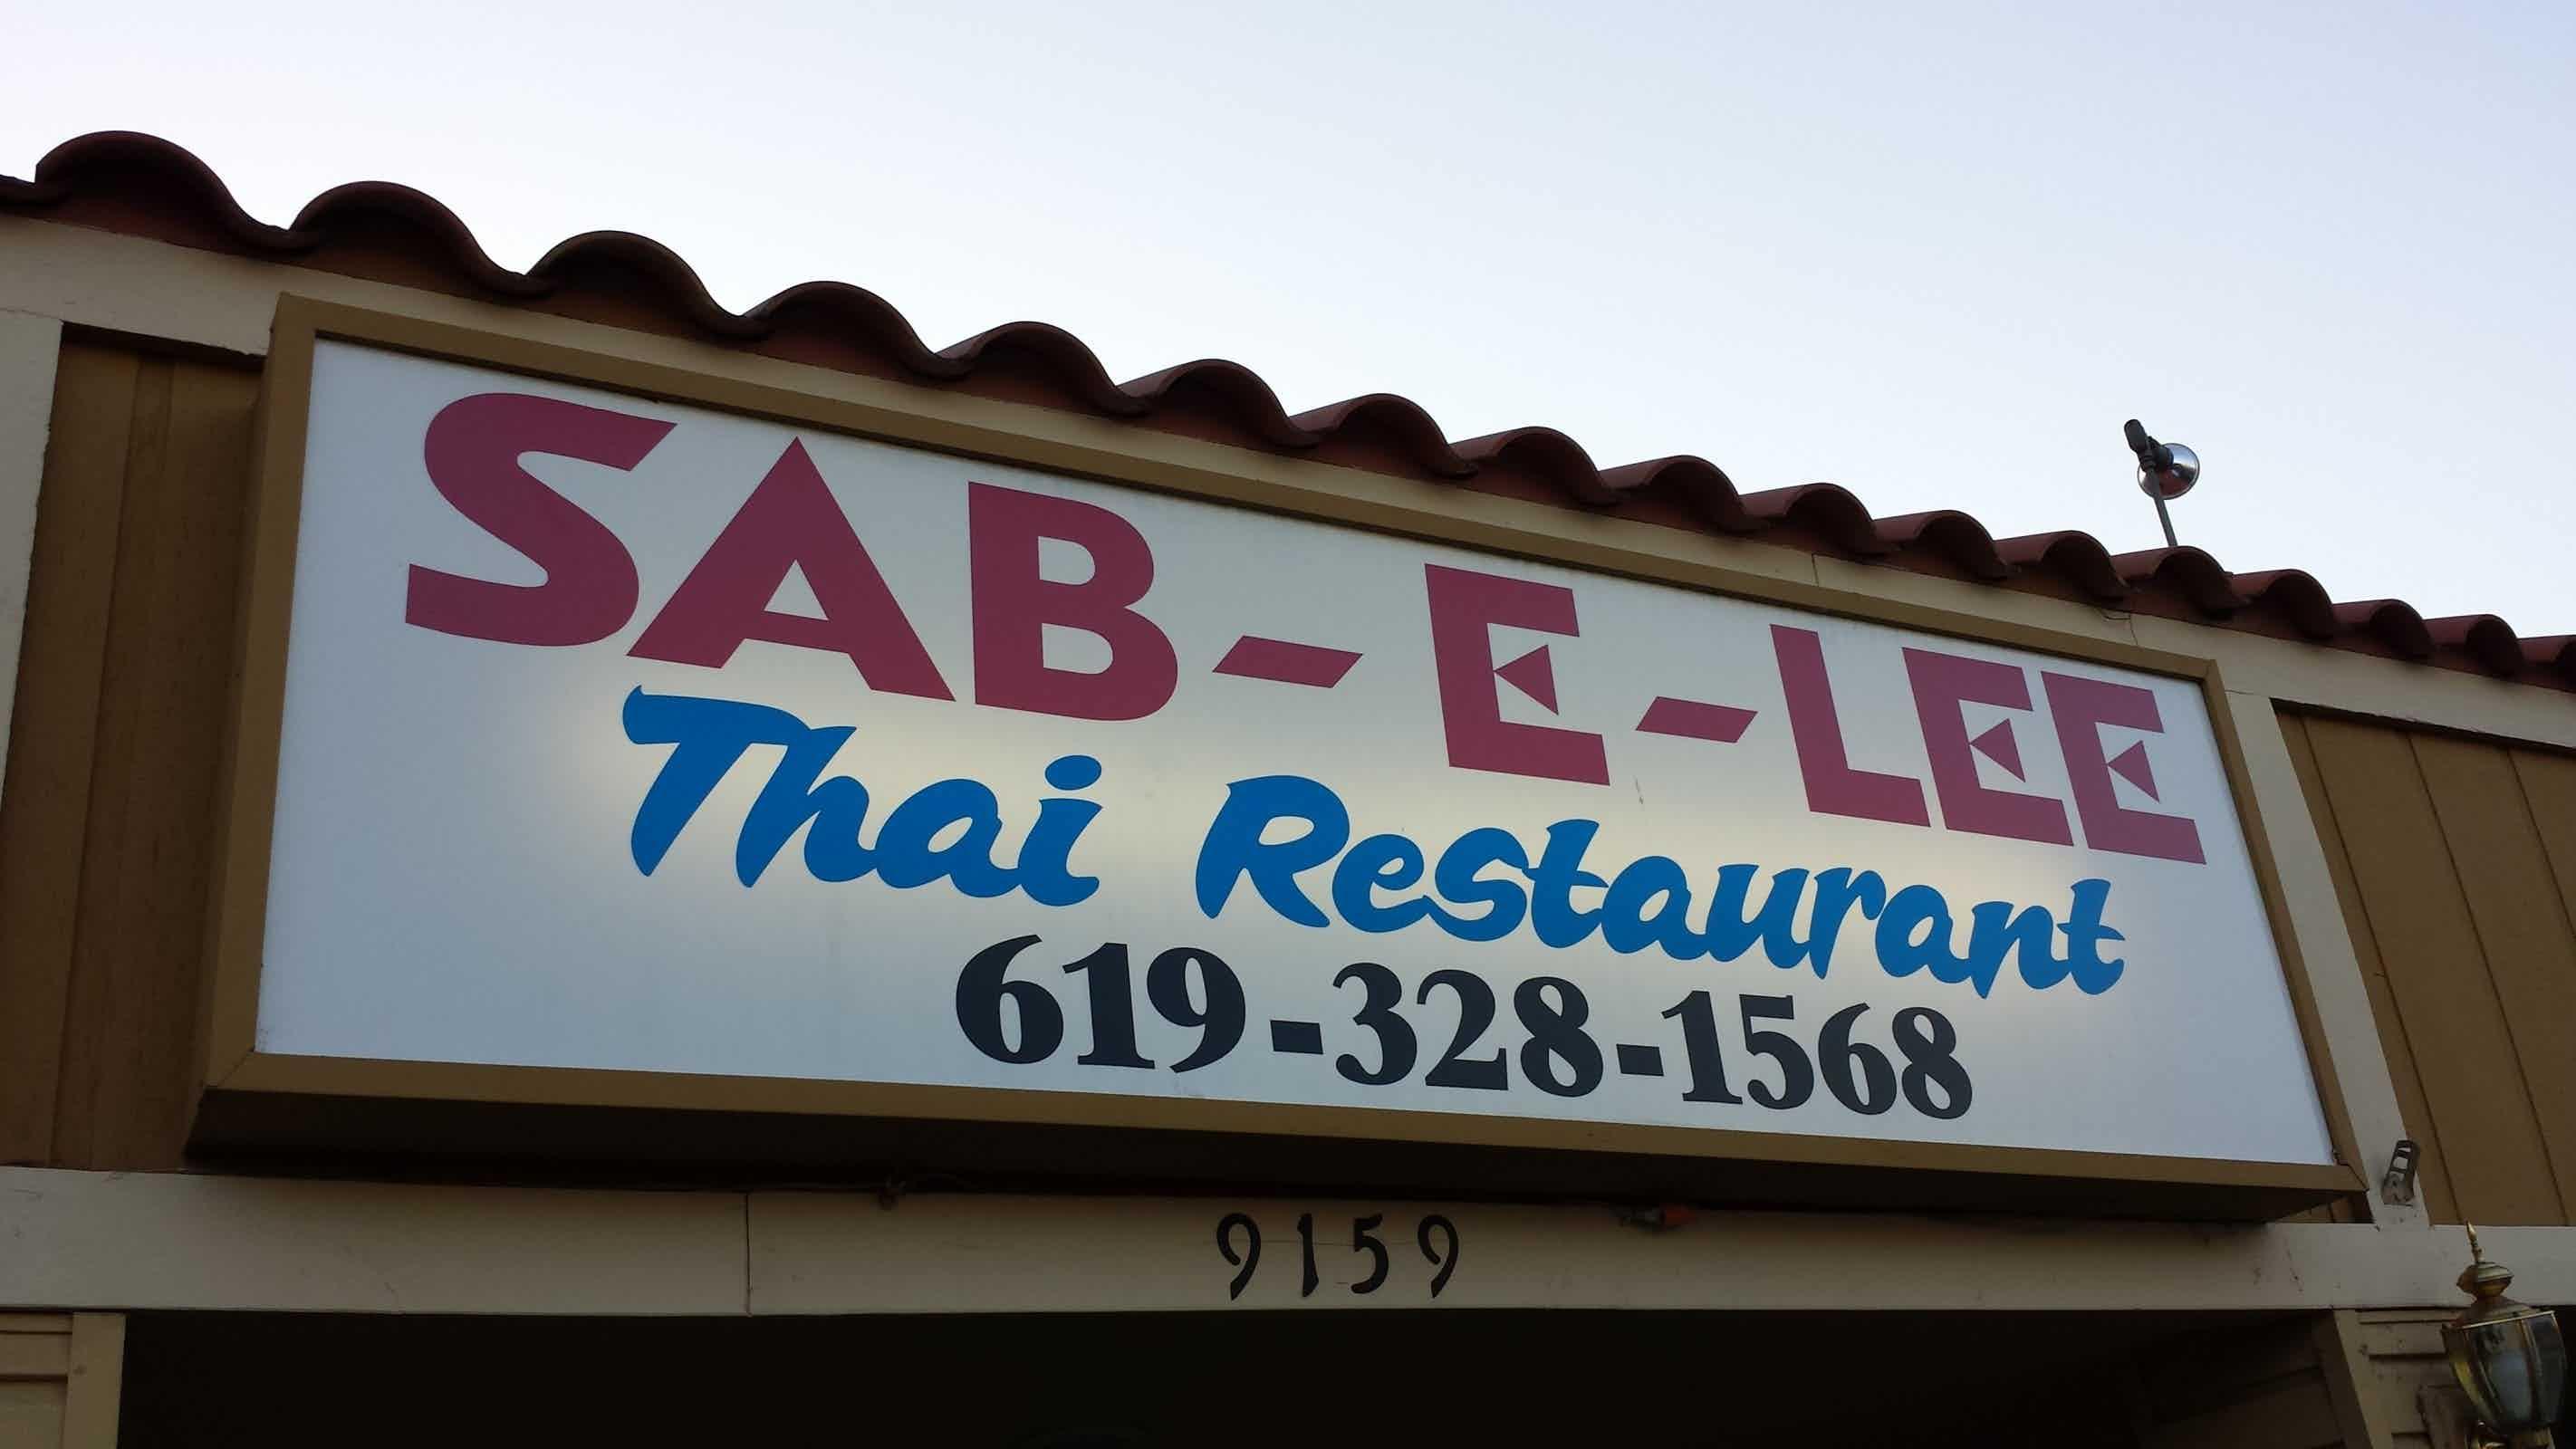 Sab-E-Lee - Thai Restaurant in Santee - Santee   Restaurant Review ...